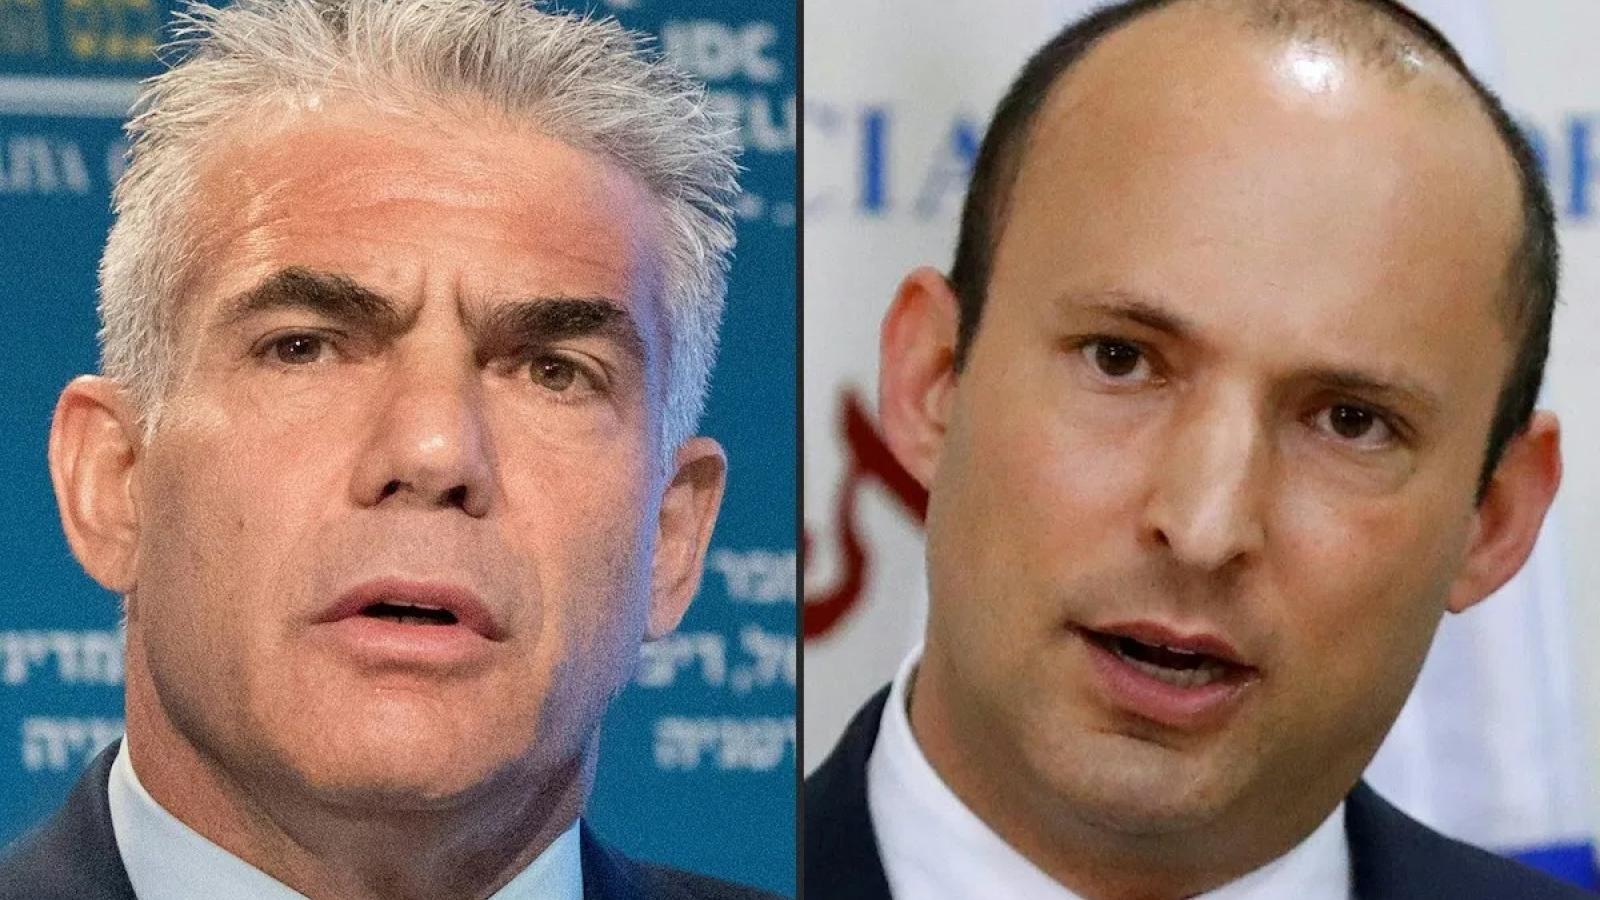 Ban lãnh đạo mới của Israel không ưa phương án 2 nhà nước trong xung đột với Palestine?